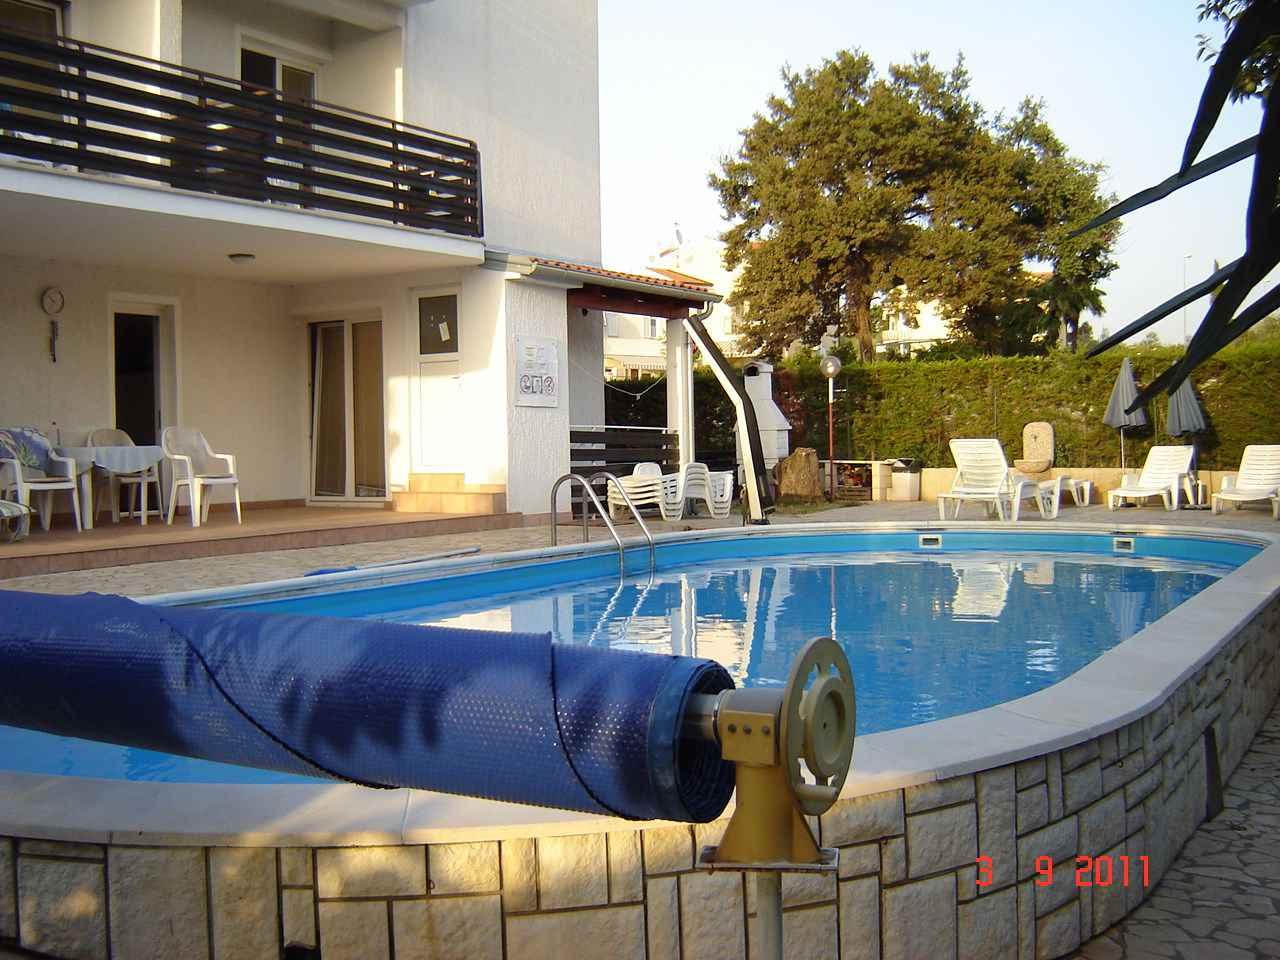 Ferienwohnung mit Pool (280350), Porec, , Istrien, Kroatien, Bild 8